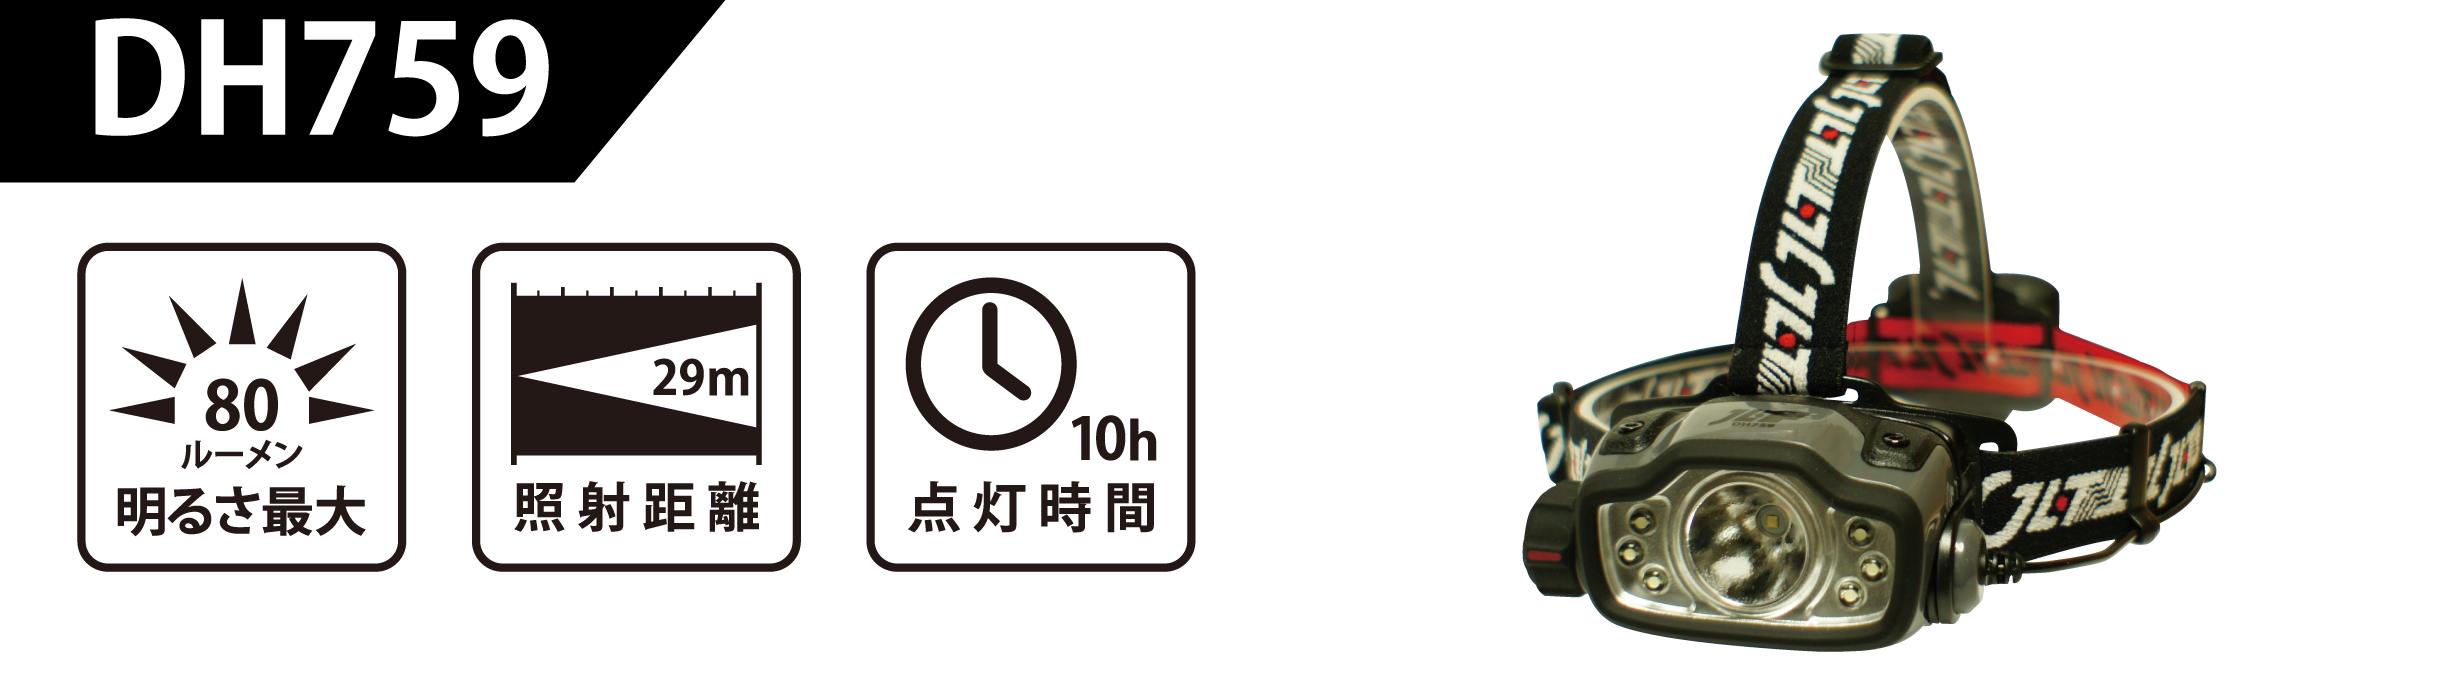 WEBアイコン_DH759